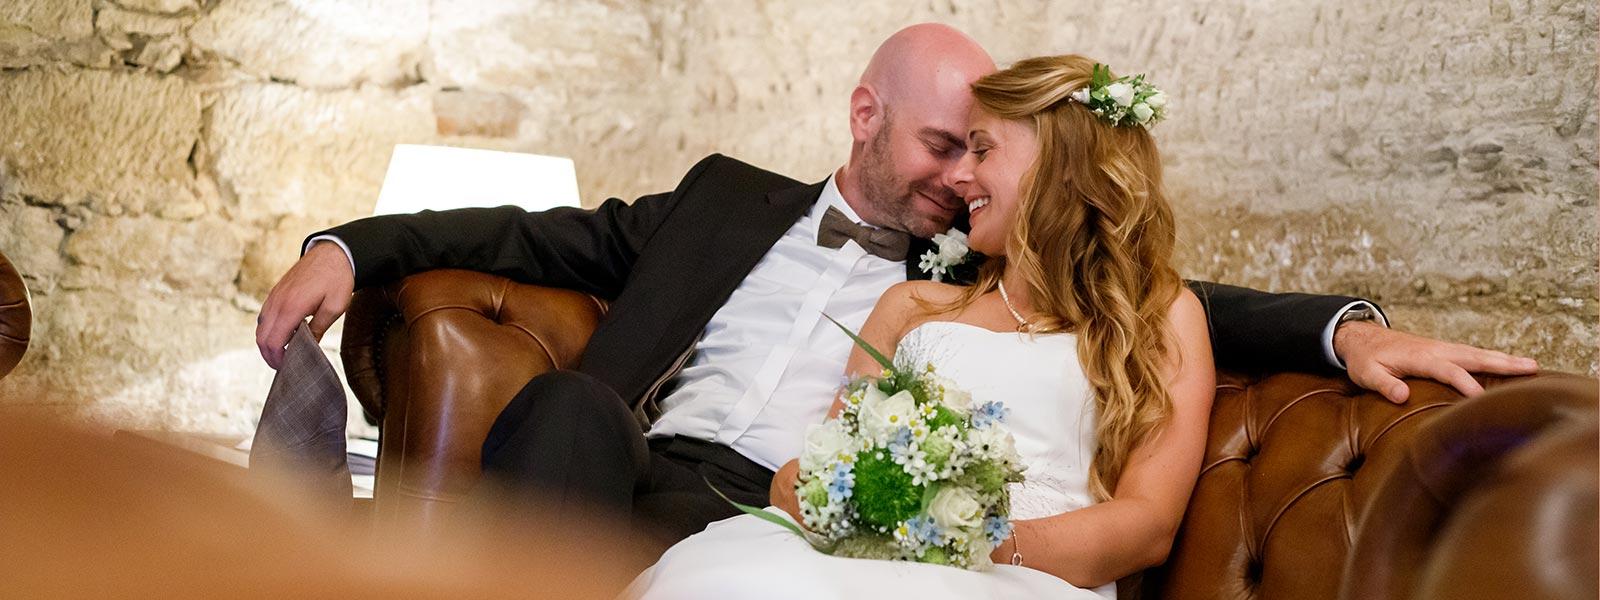 Hochzeitsfotograf schloß waldeck - hochzeitsfotograf Köln